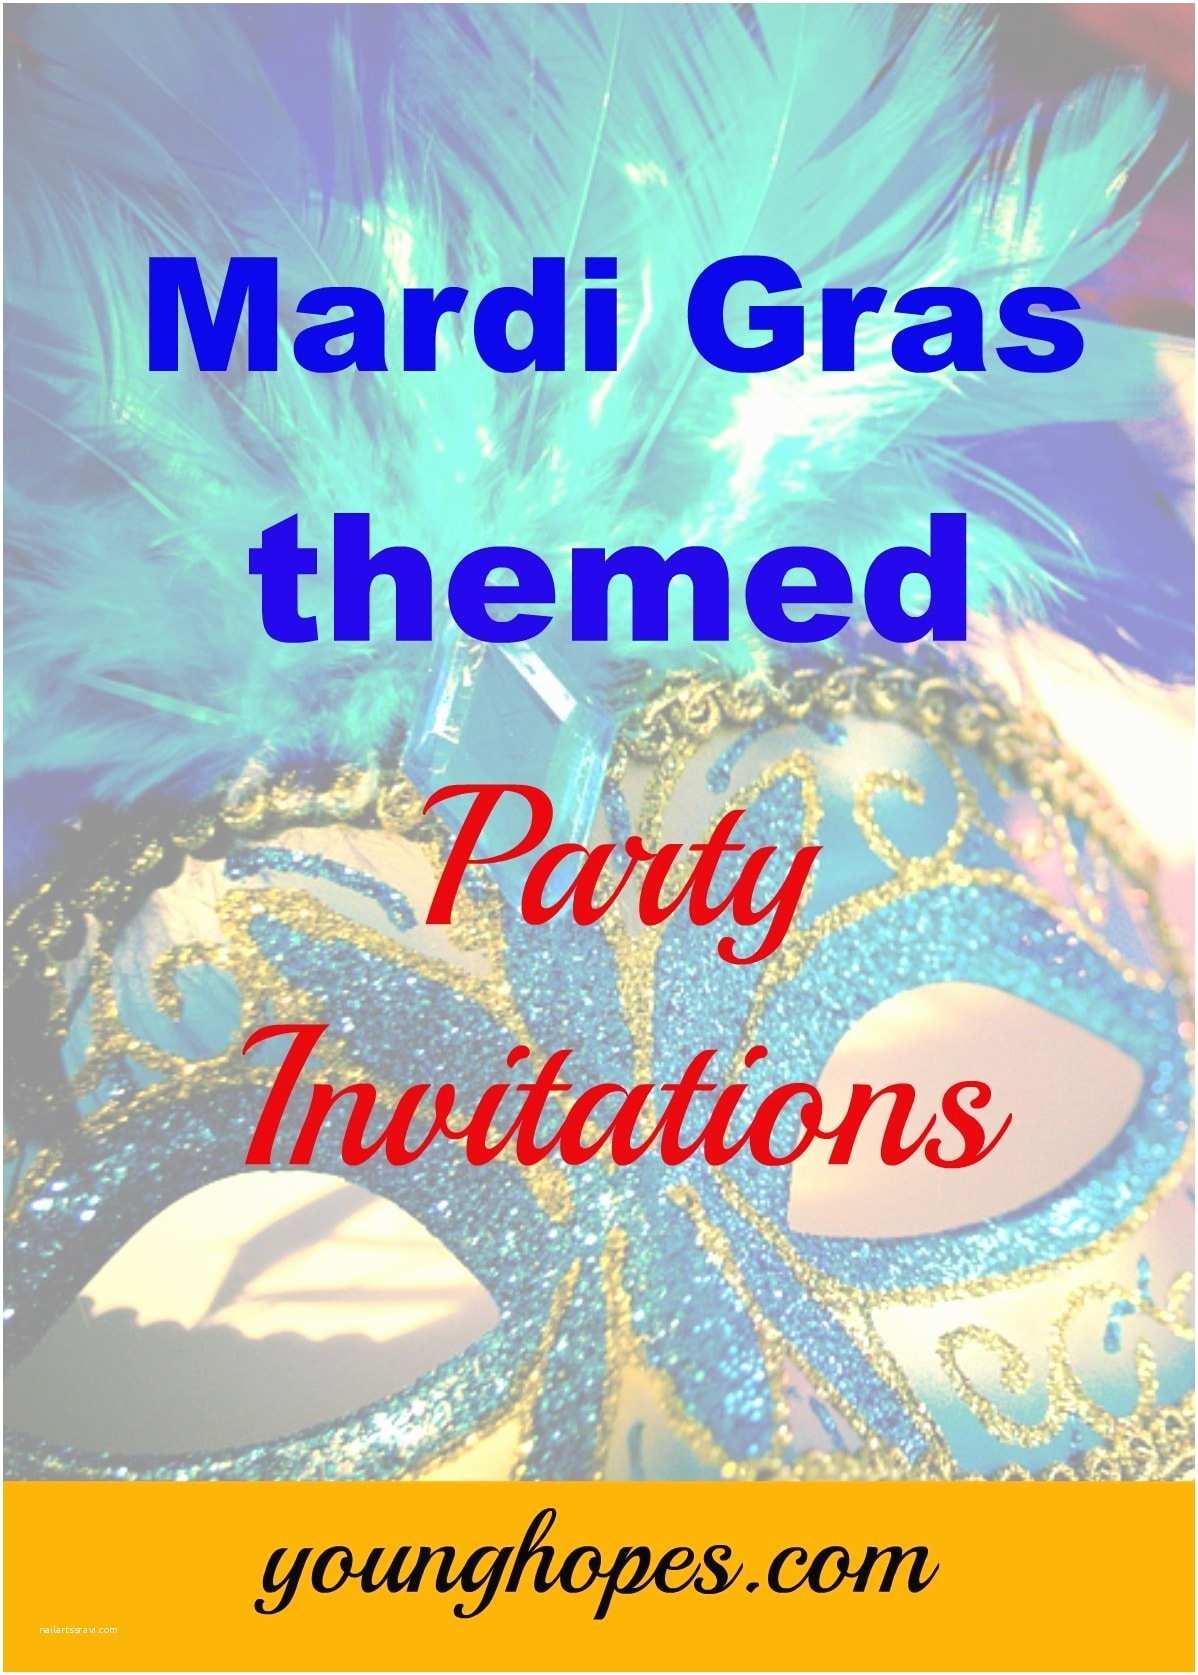 Mardi Gras Party Invitations Mardi Gras themed Invitations for Masquerade Party